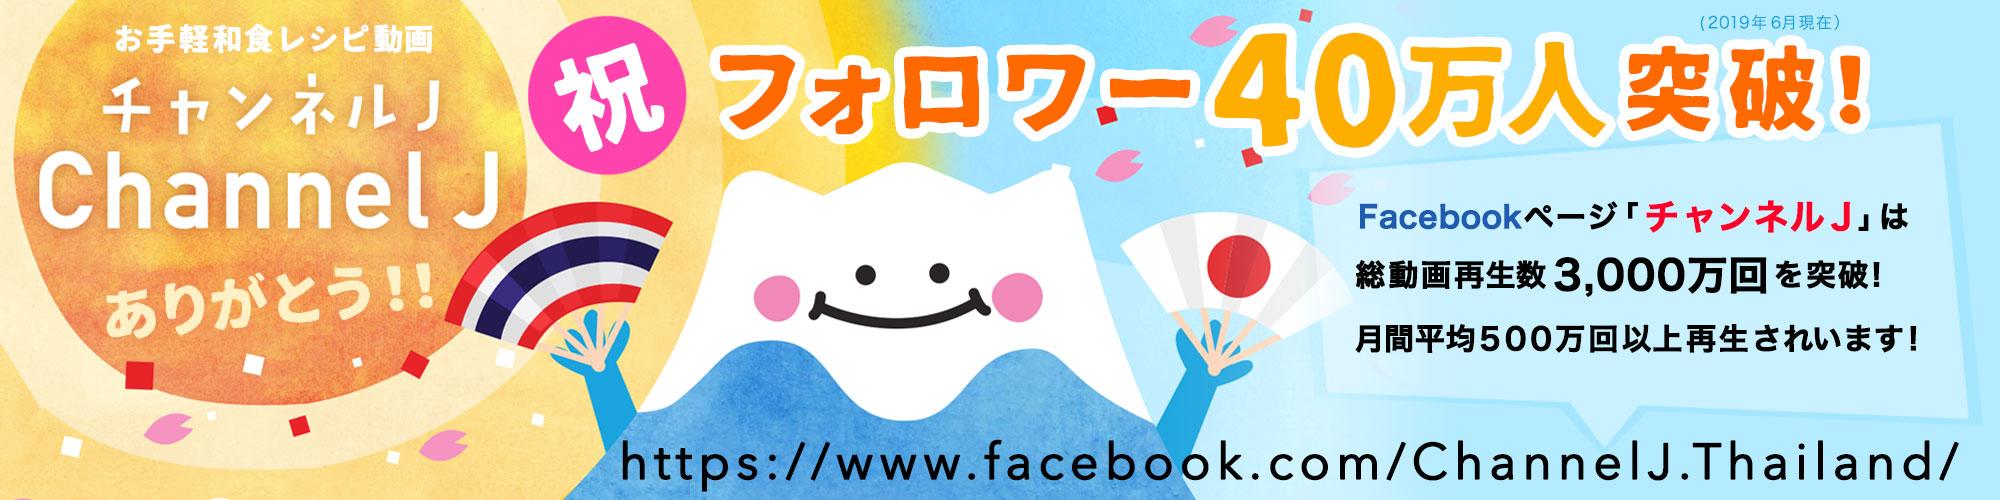 料理動画メディア 「Channel J」